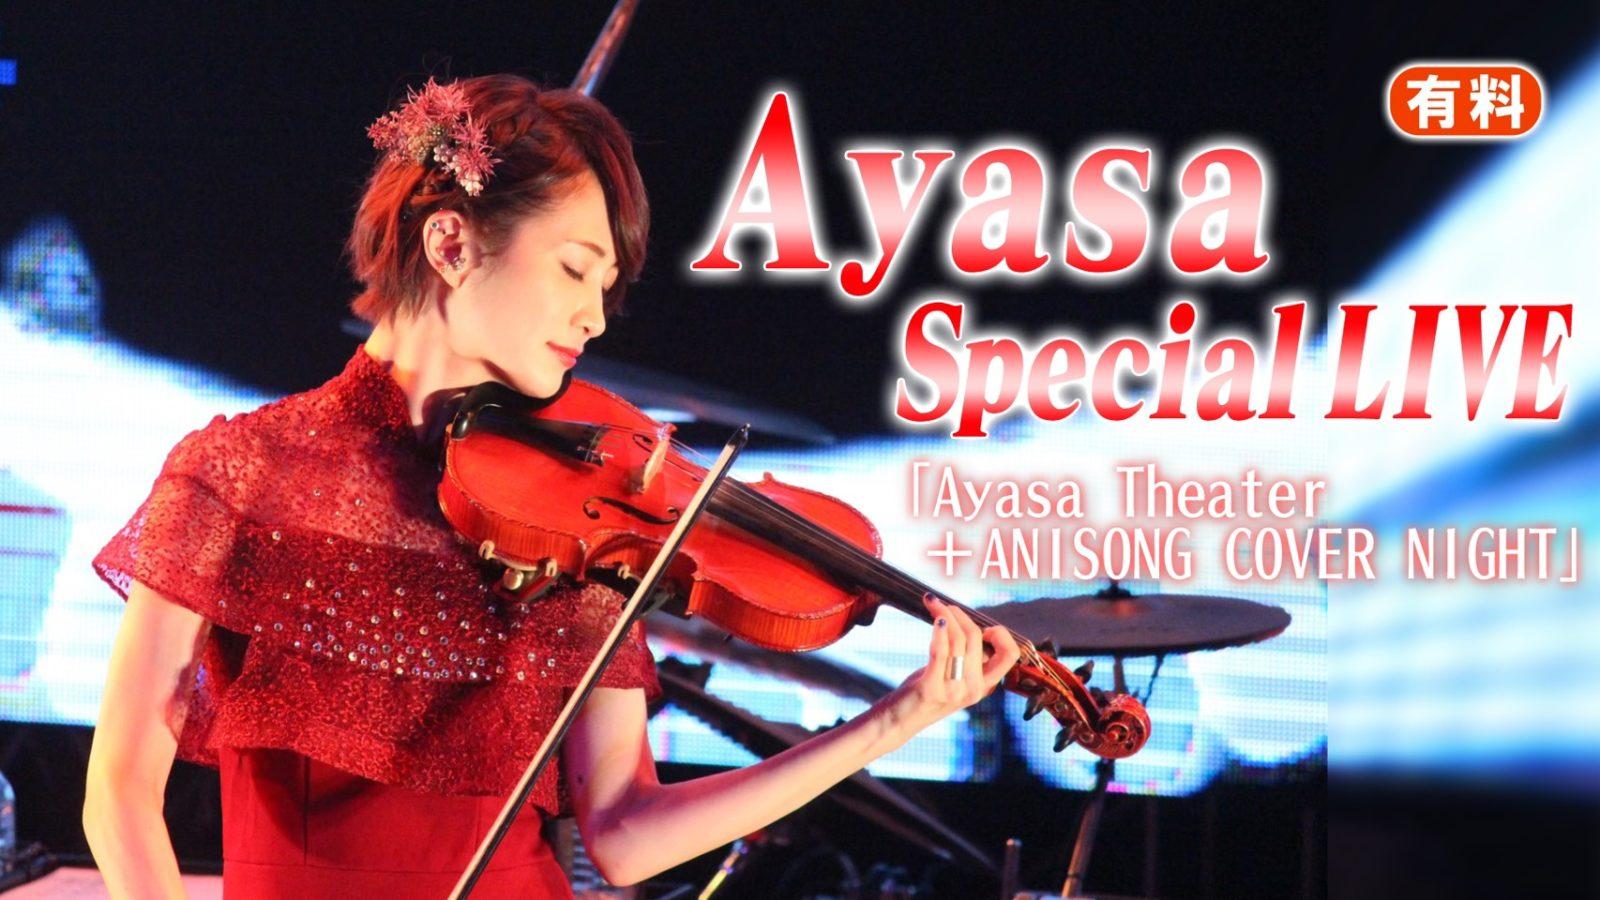 ヴァイオリニストAyasa、9月13日ニコ生で自身のバンド初の有料配信ライブサムネイル画像